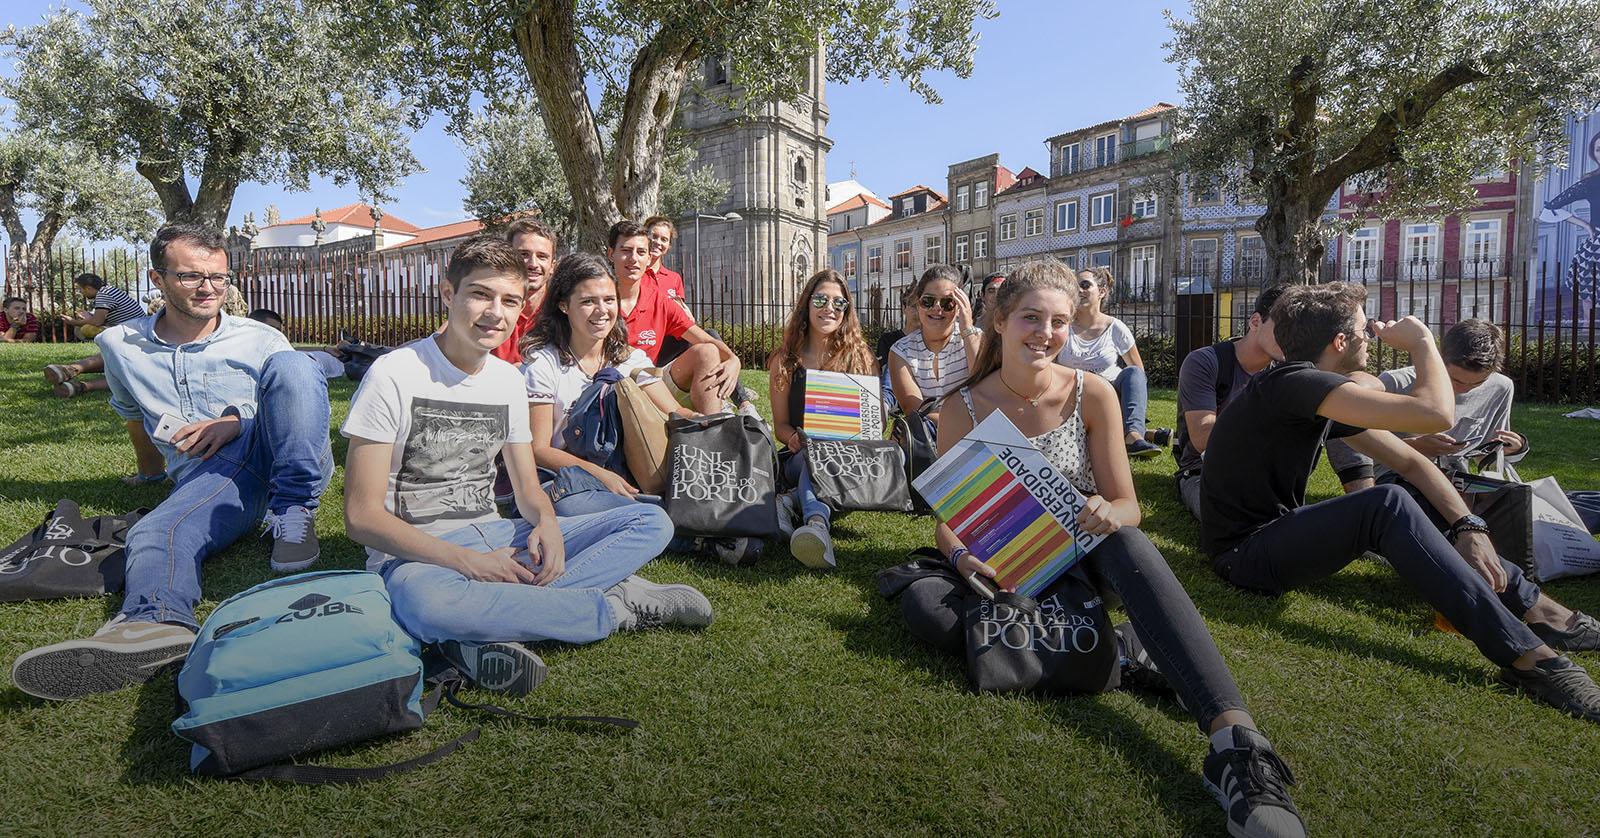 Acesso ao Ensino Superior: U.Porto abre recorde de vagas para 2021/2022